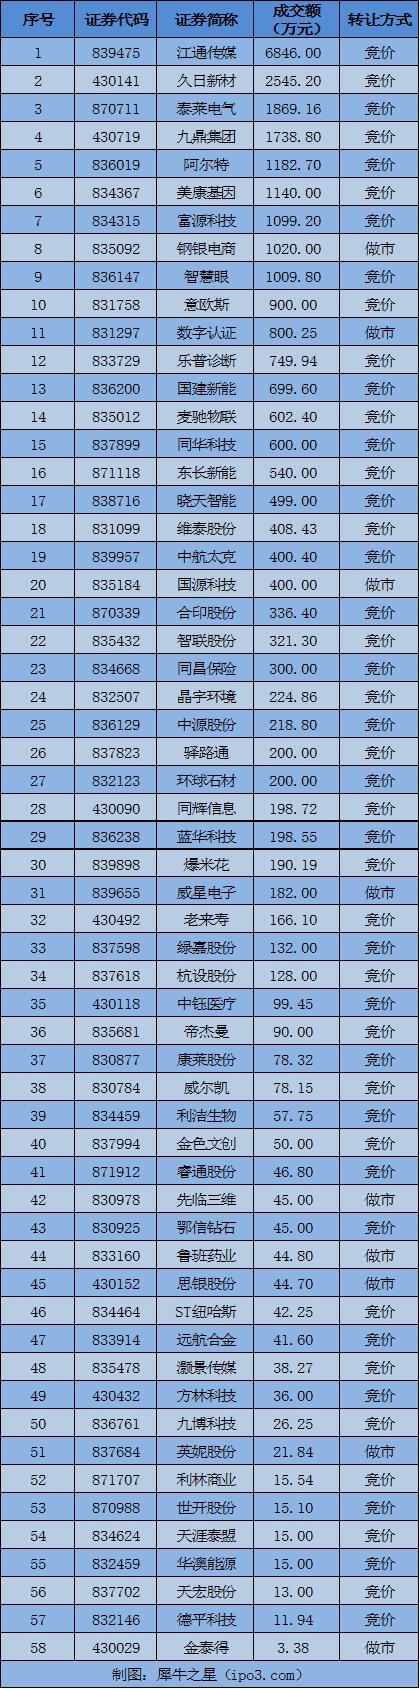 4月13日新三板大宗交易日报:总成交2.9亿 江通传媒成交6846万居首